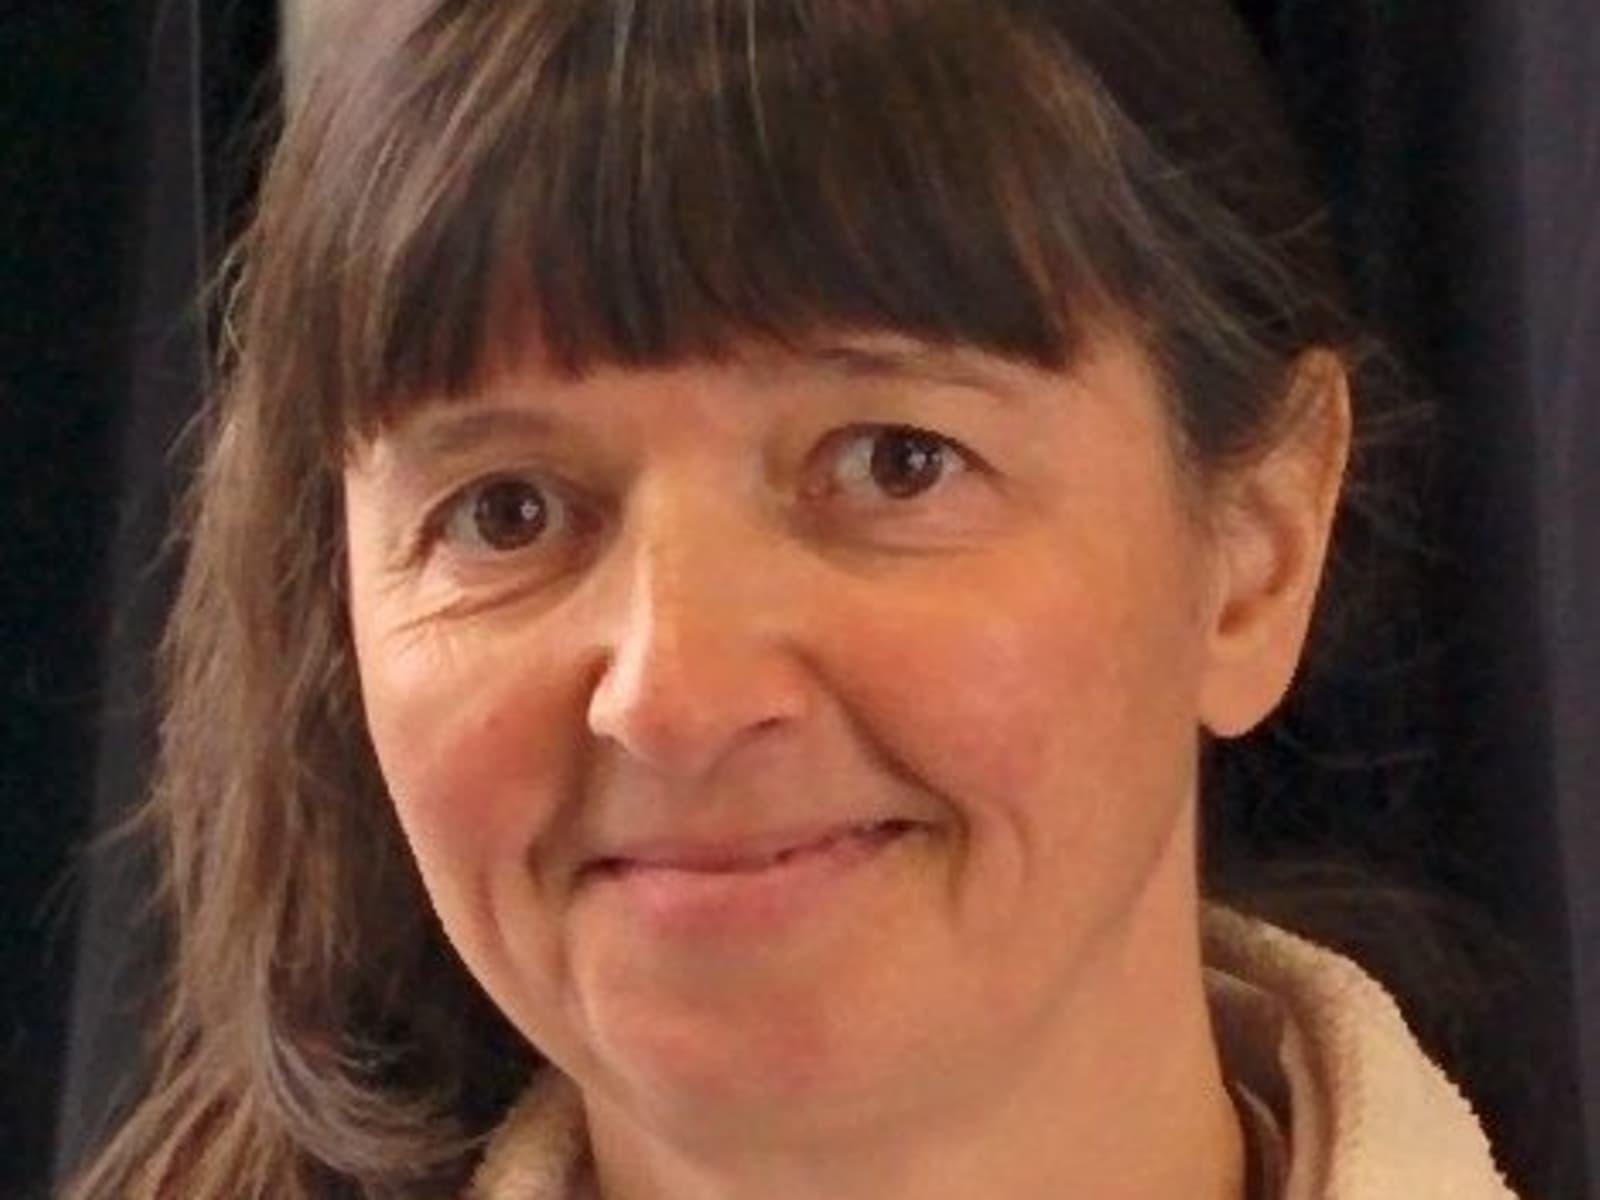 Mariann from High Wycombe, United Kingdom